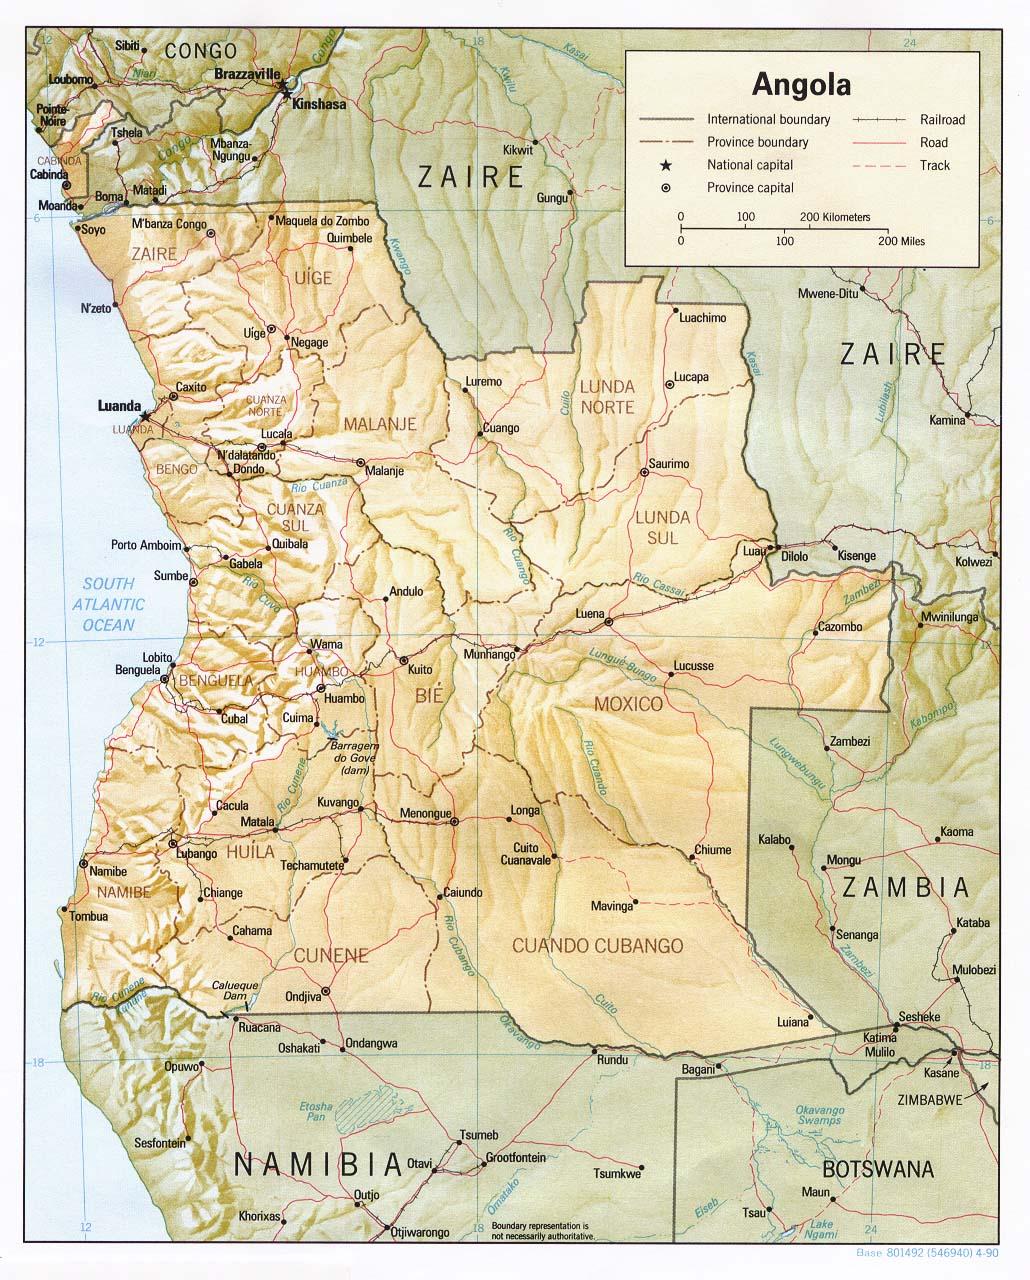 viana angola mapa File:Angola Map.   Wikimedia Commons viana angola mapa